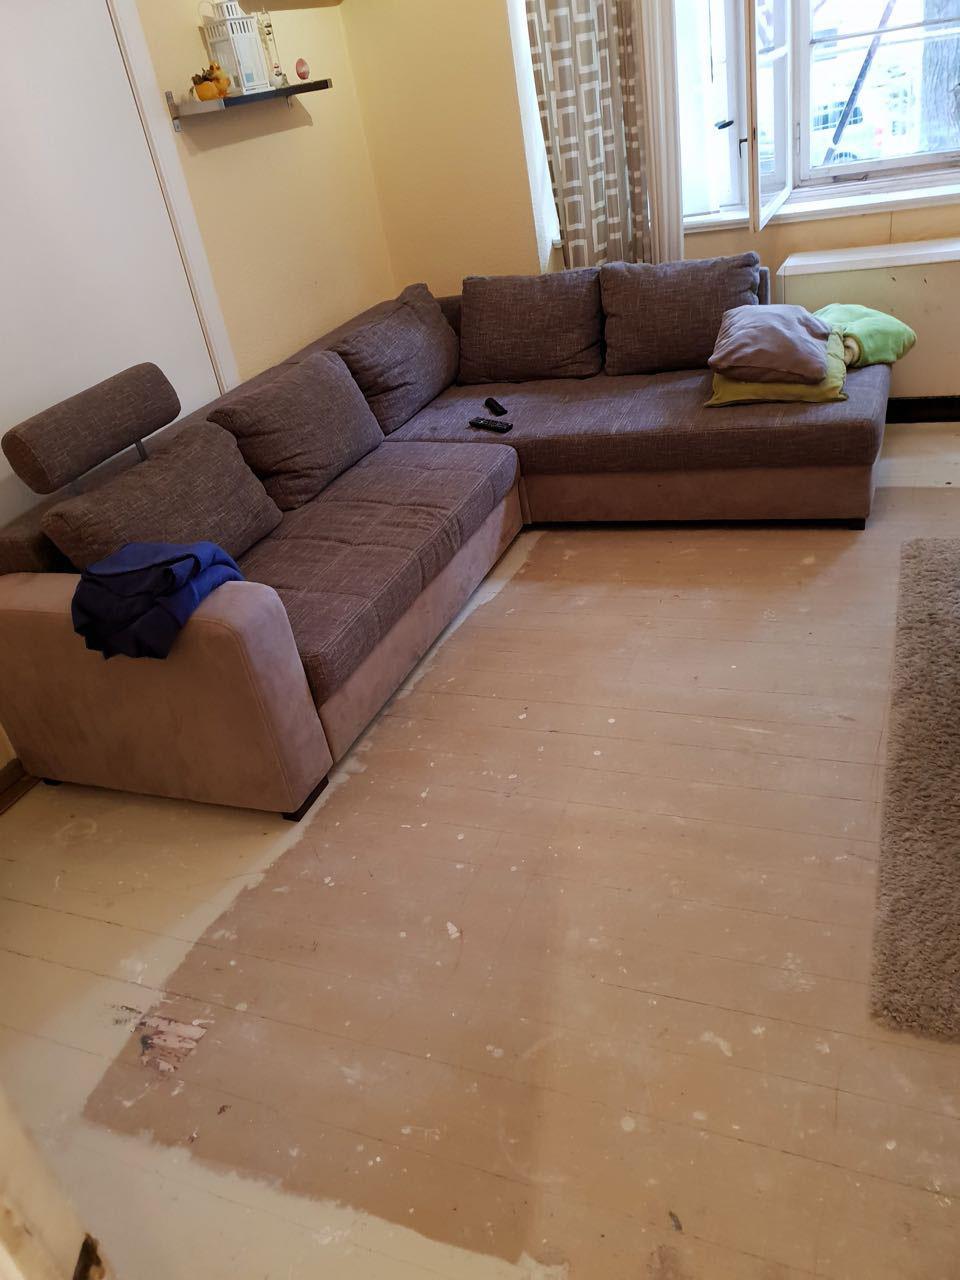 dielen schleifen m hlenstrasse friedrichshain berlin dielendesign dielen parkett schleifen. Black Bedroom Furniture Sets. Home Design Ideas